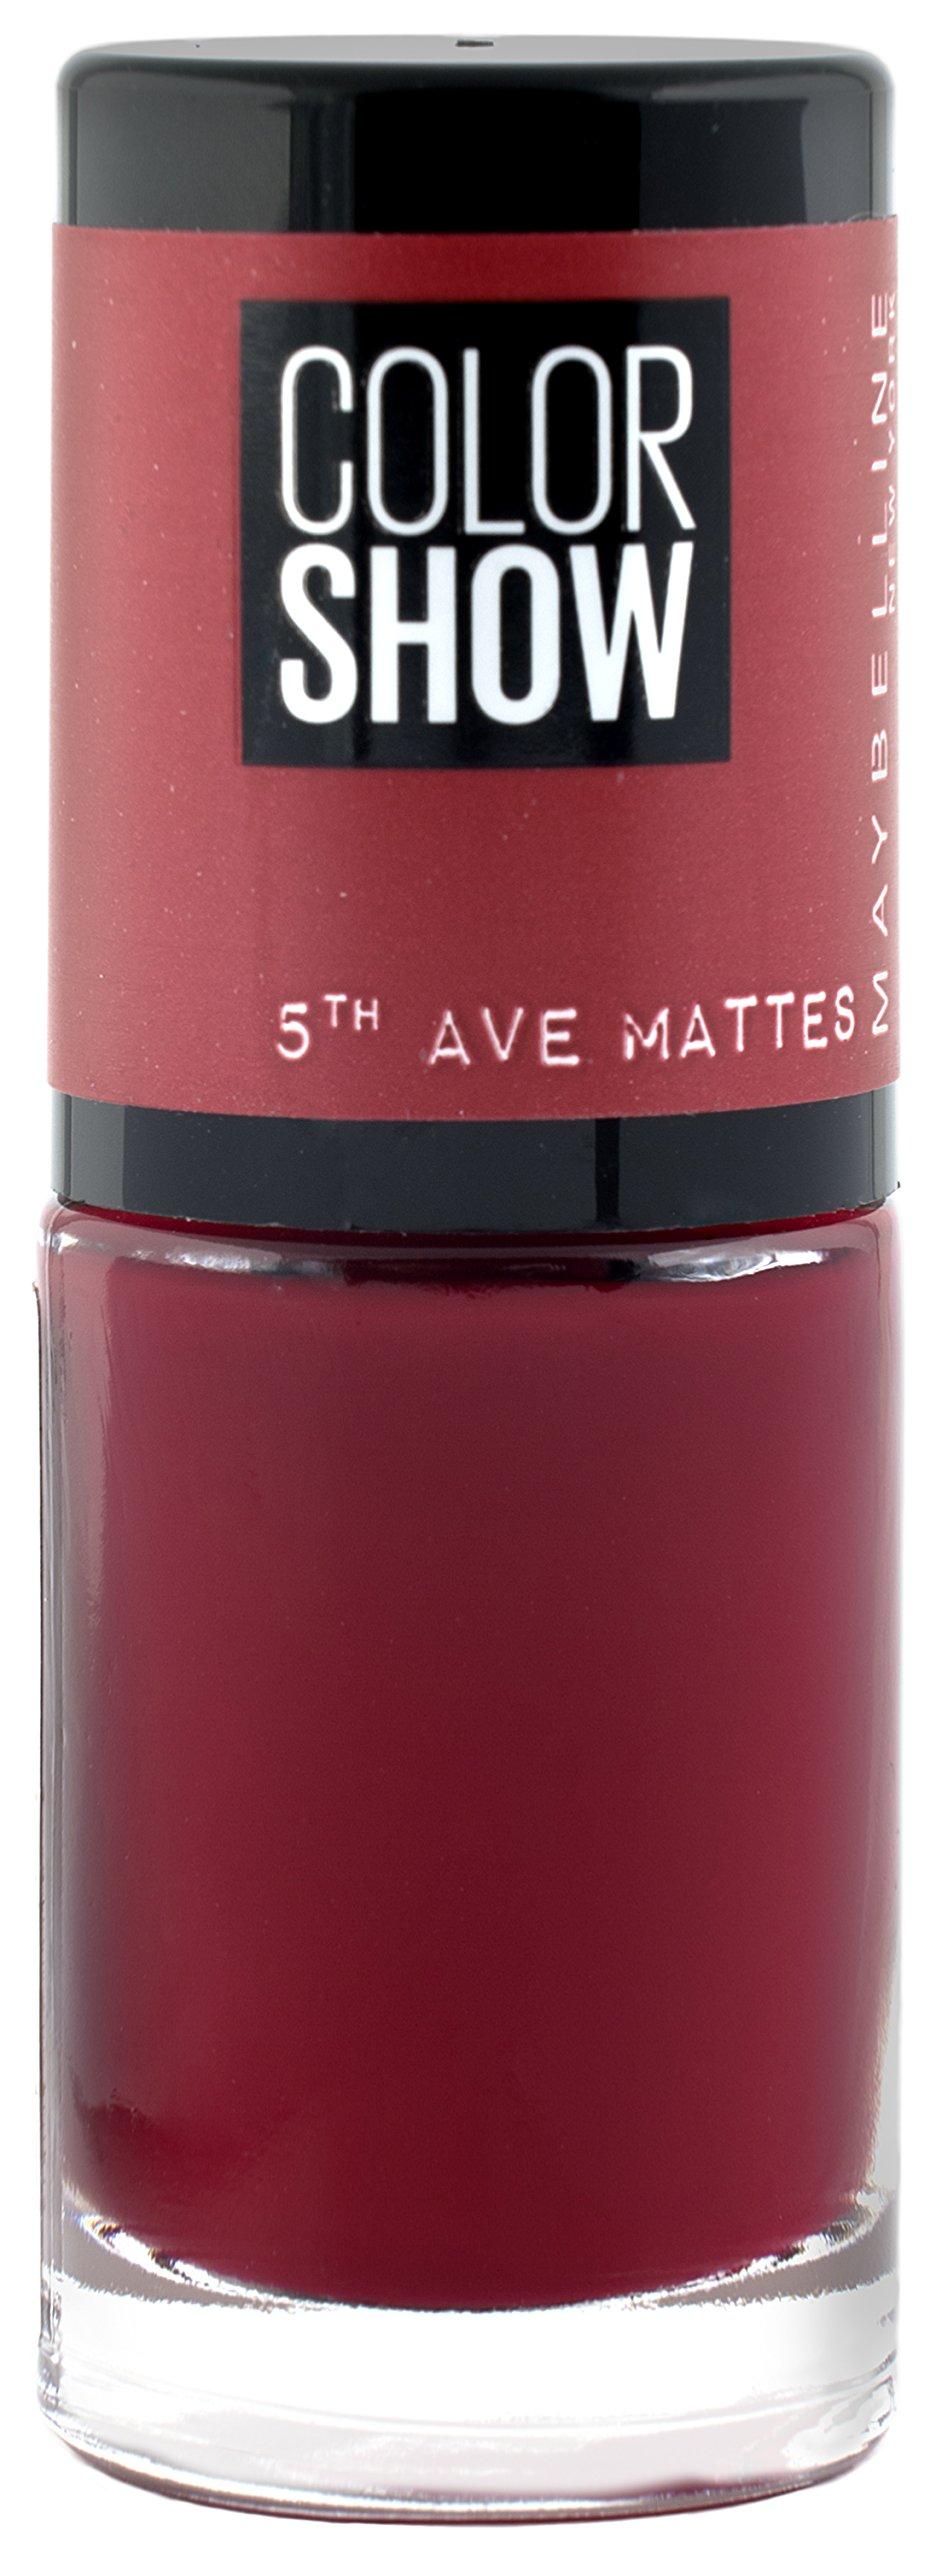 Maybelline, Esmalte de uñas – 1 unidad